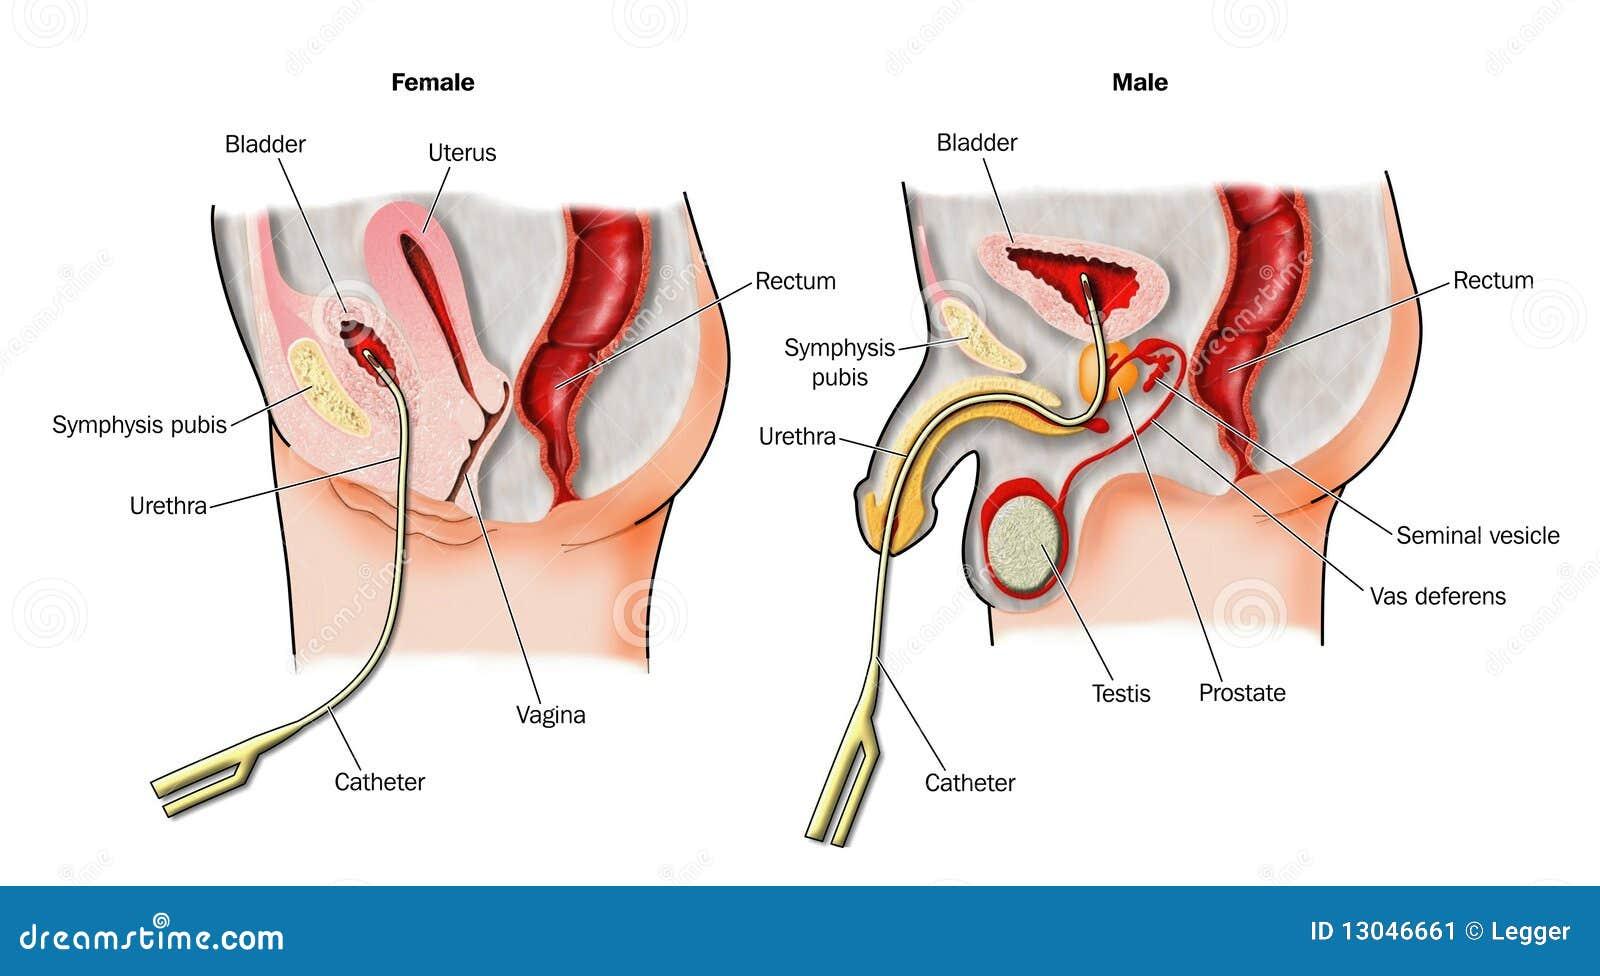 Großartig Weibliche Harn Anatomie Diagramm Bilder - Menschliche ...